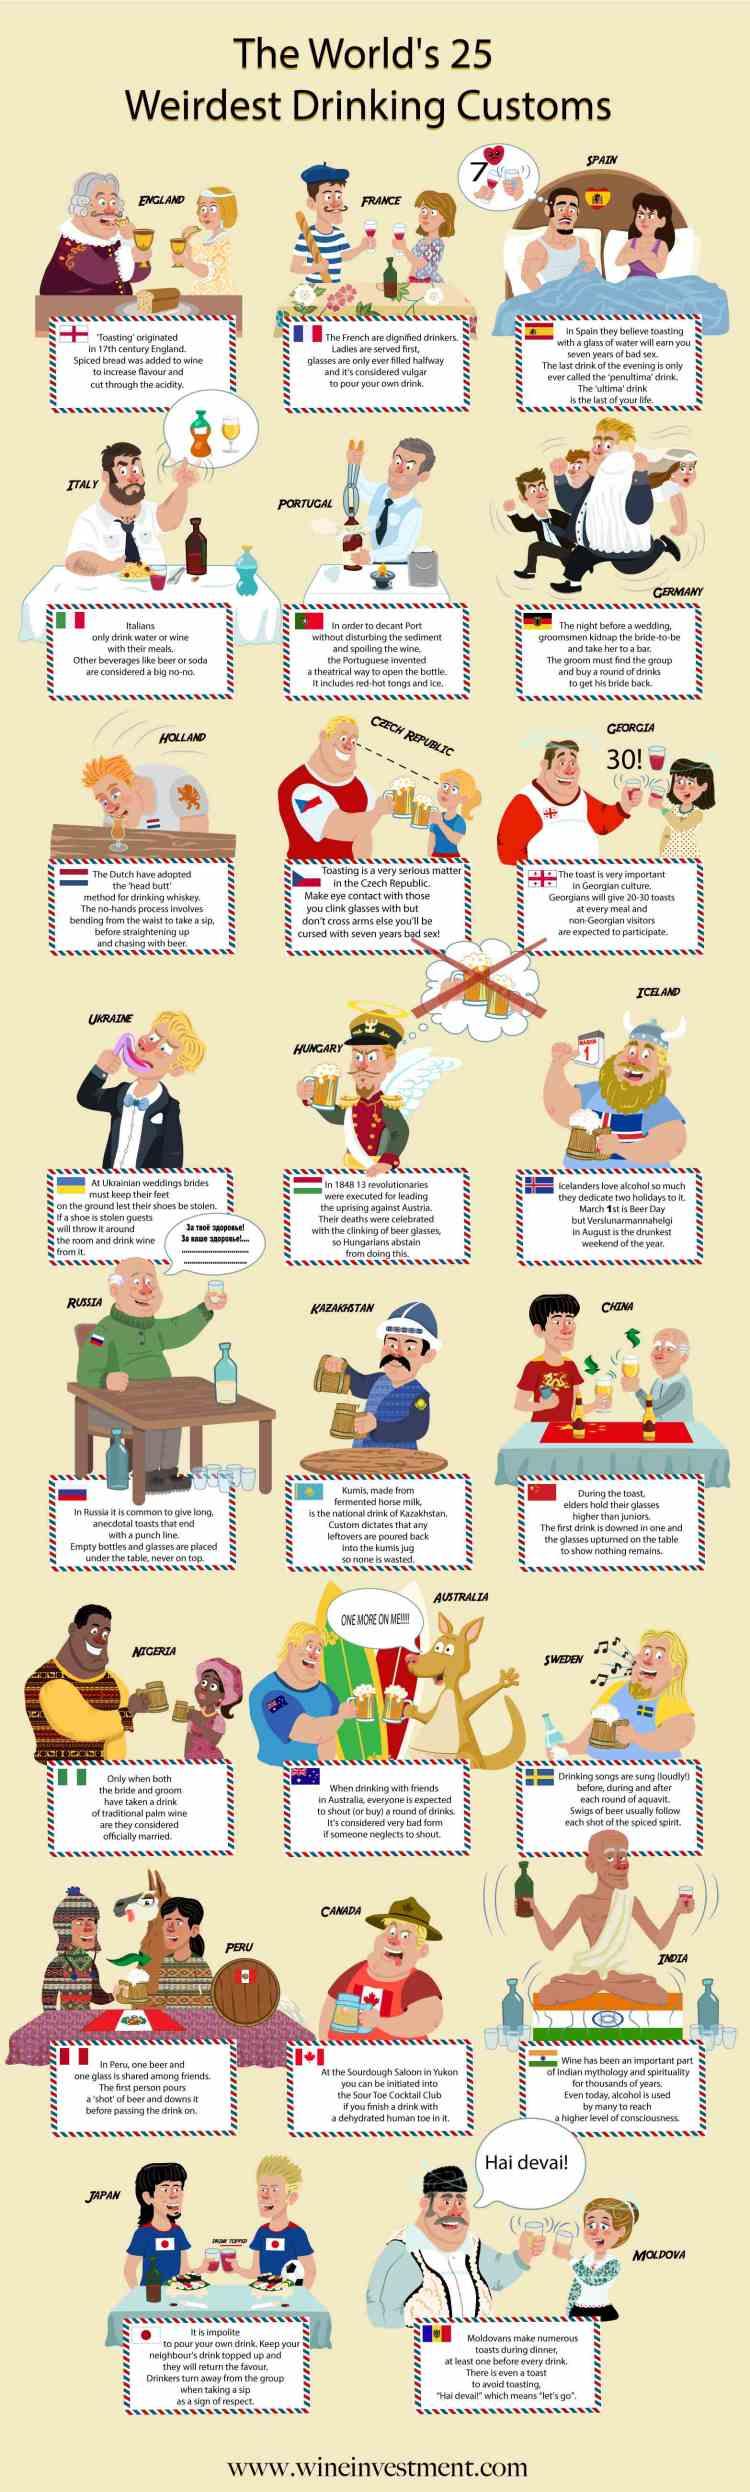 frasi per brindare infografica